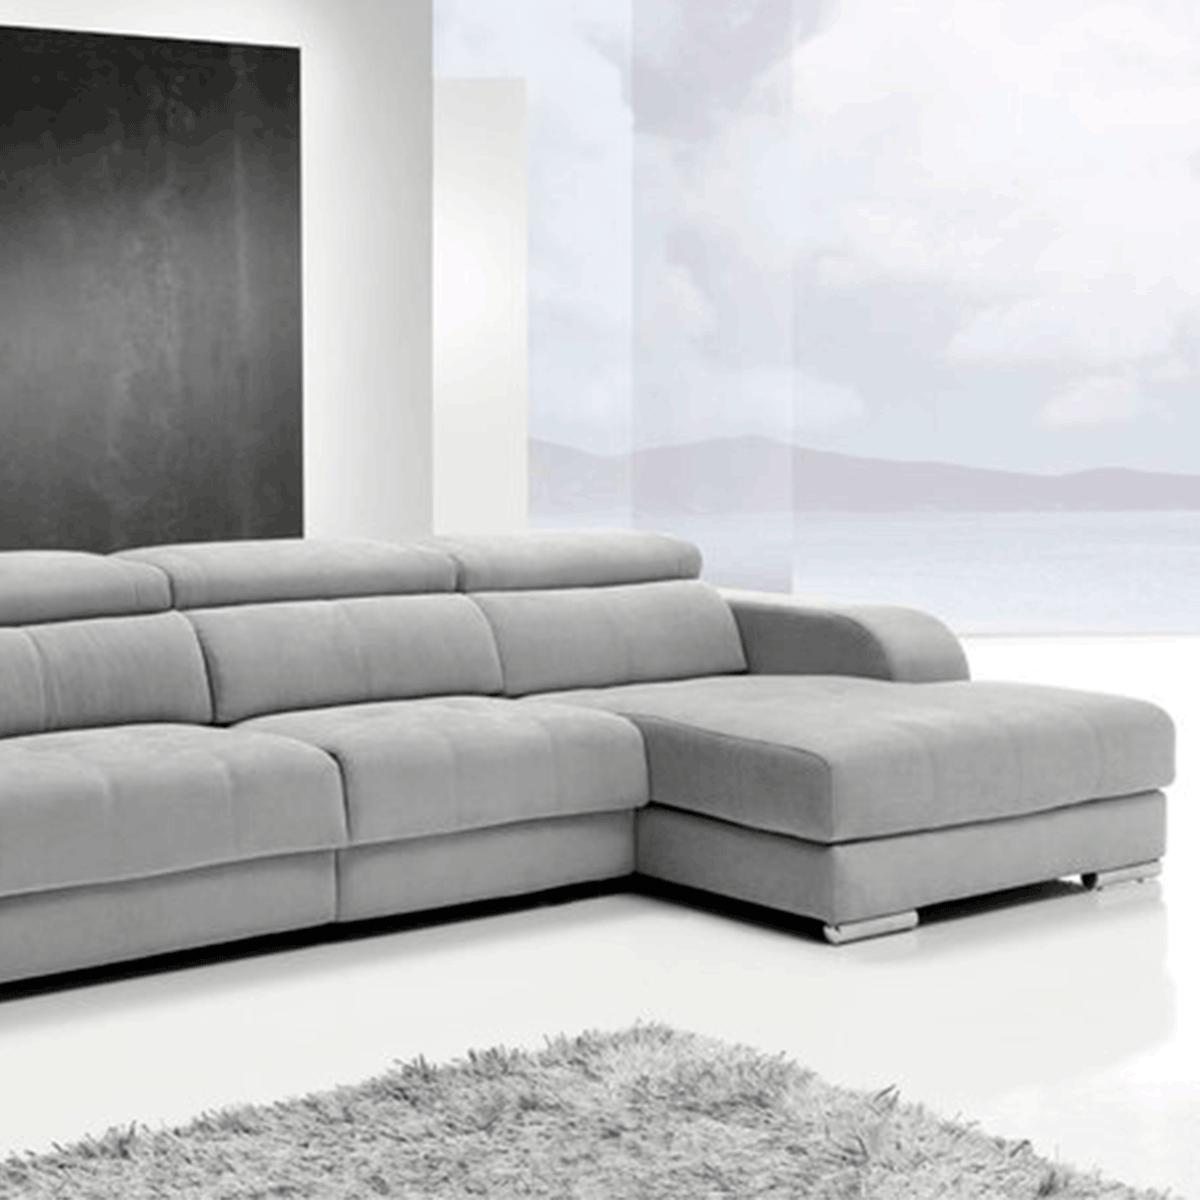 Compramuebles - Tu web de muebles recomendados